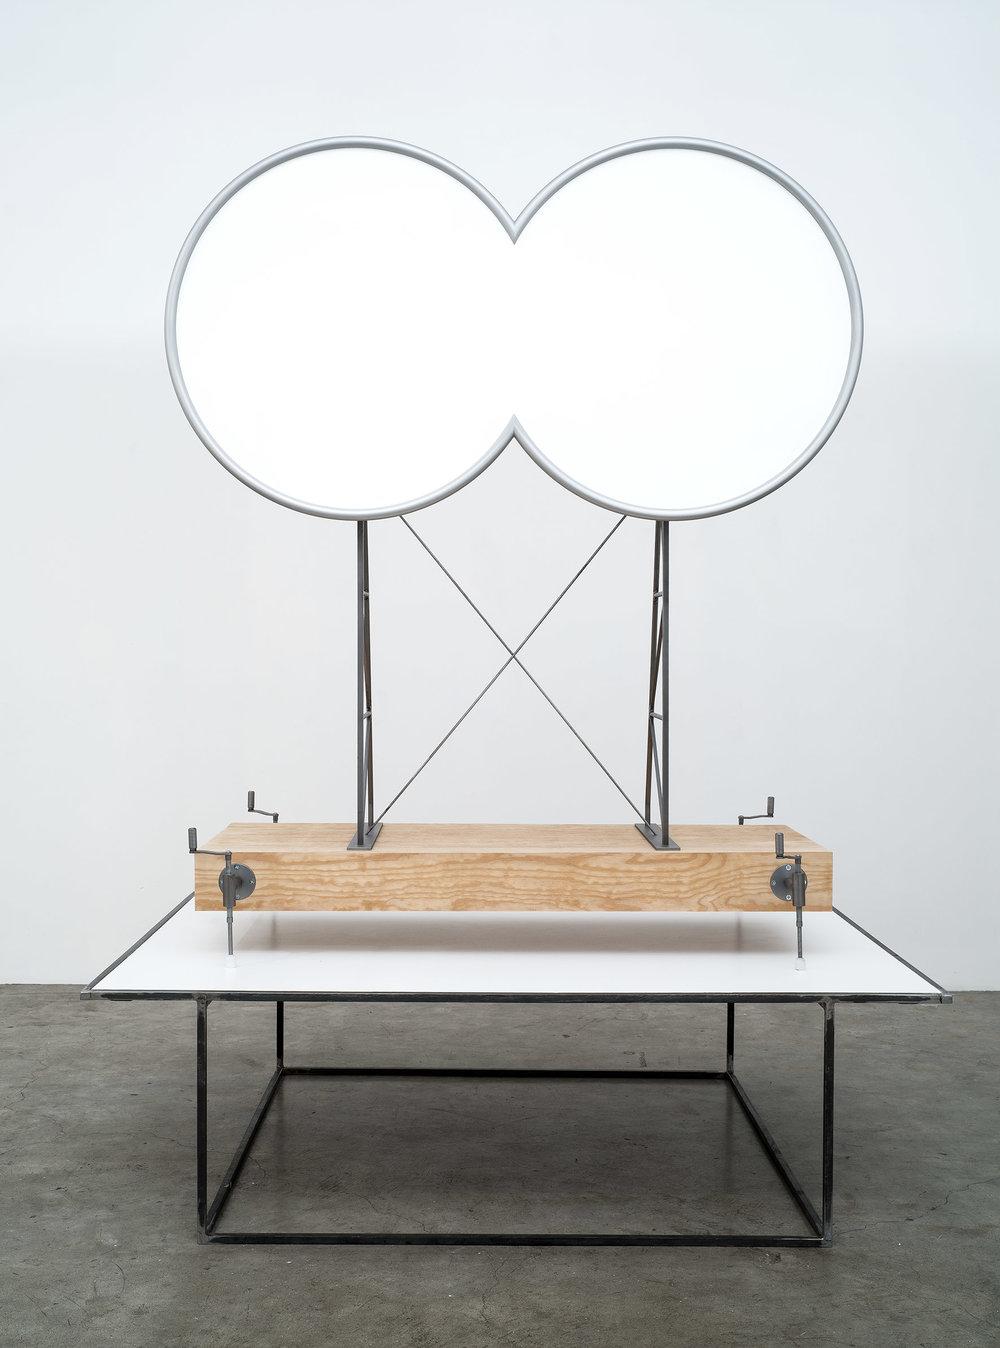 tympanumum. 2016. 130 x 75 x 165 cm (object). 160 x 120 x 47 cm (plinth). steel, wood, composite materials. unique state.